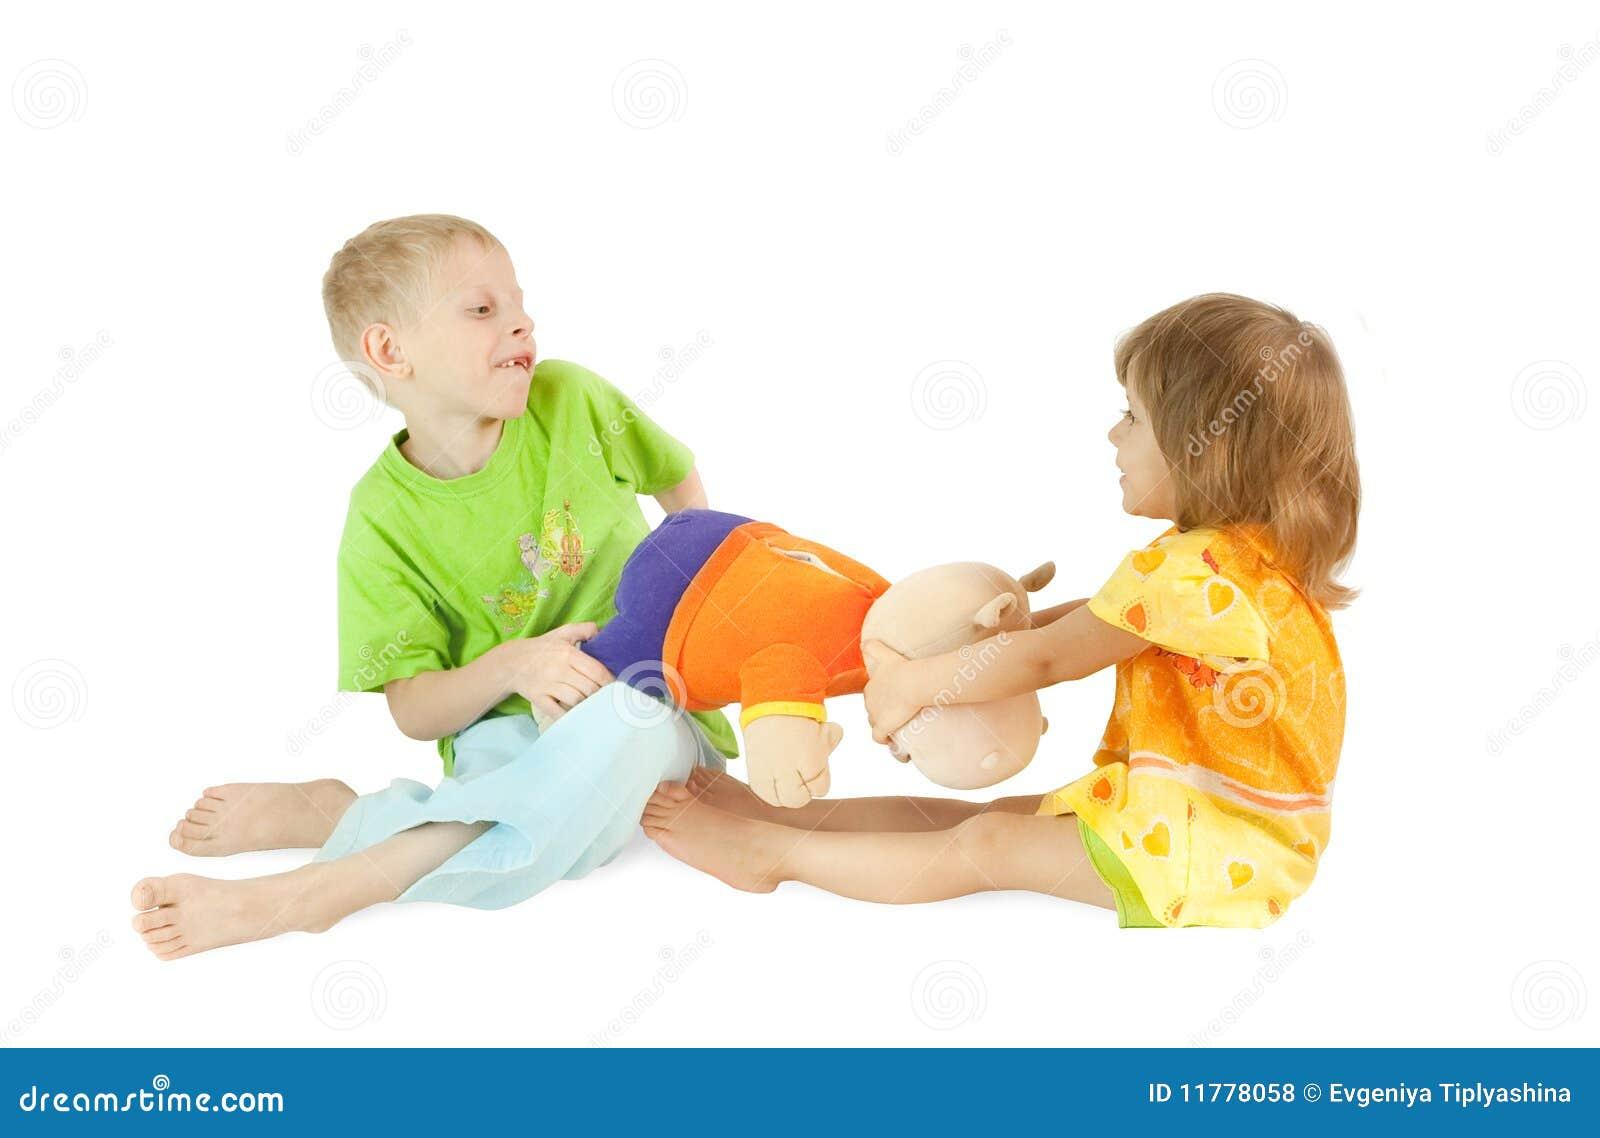 Kinder teilen ein spielzeug stockfoto bild